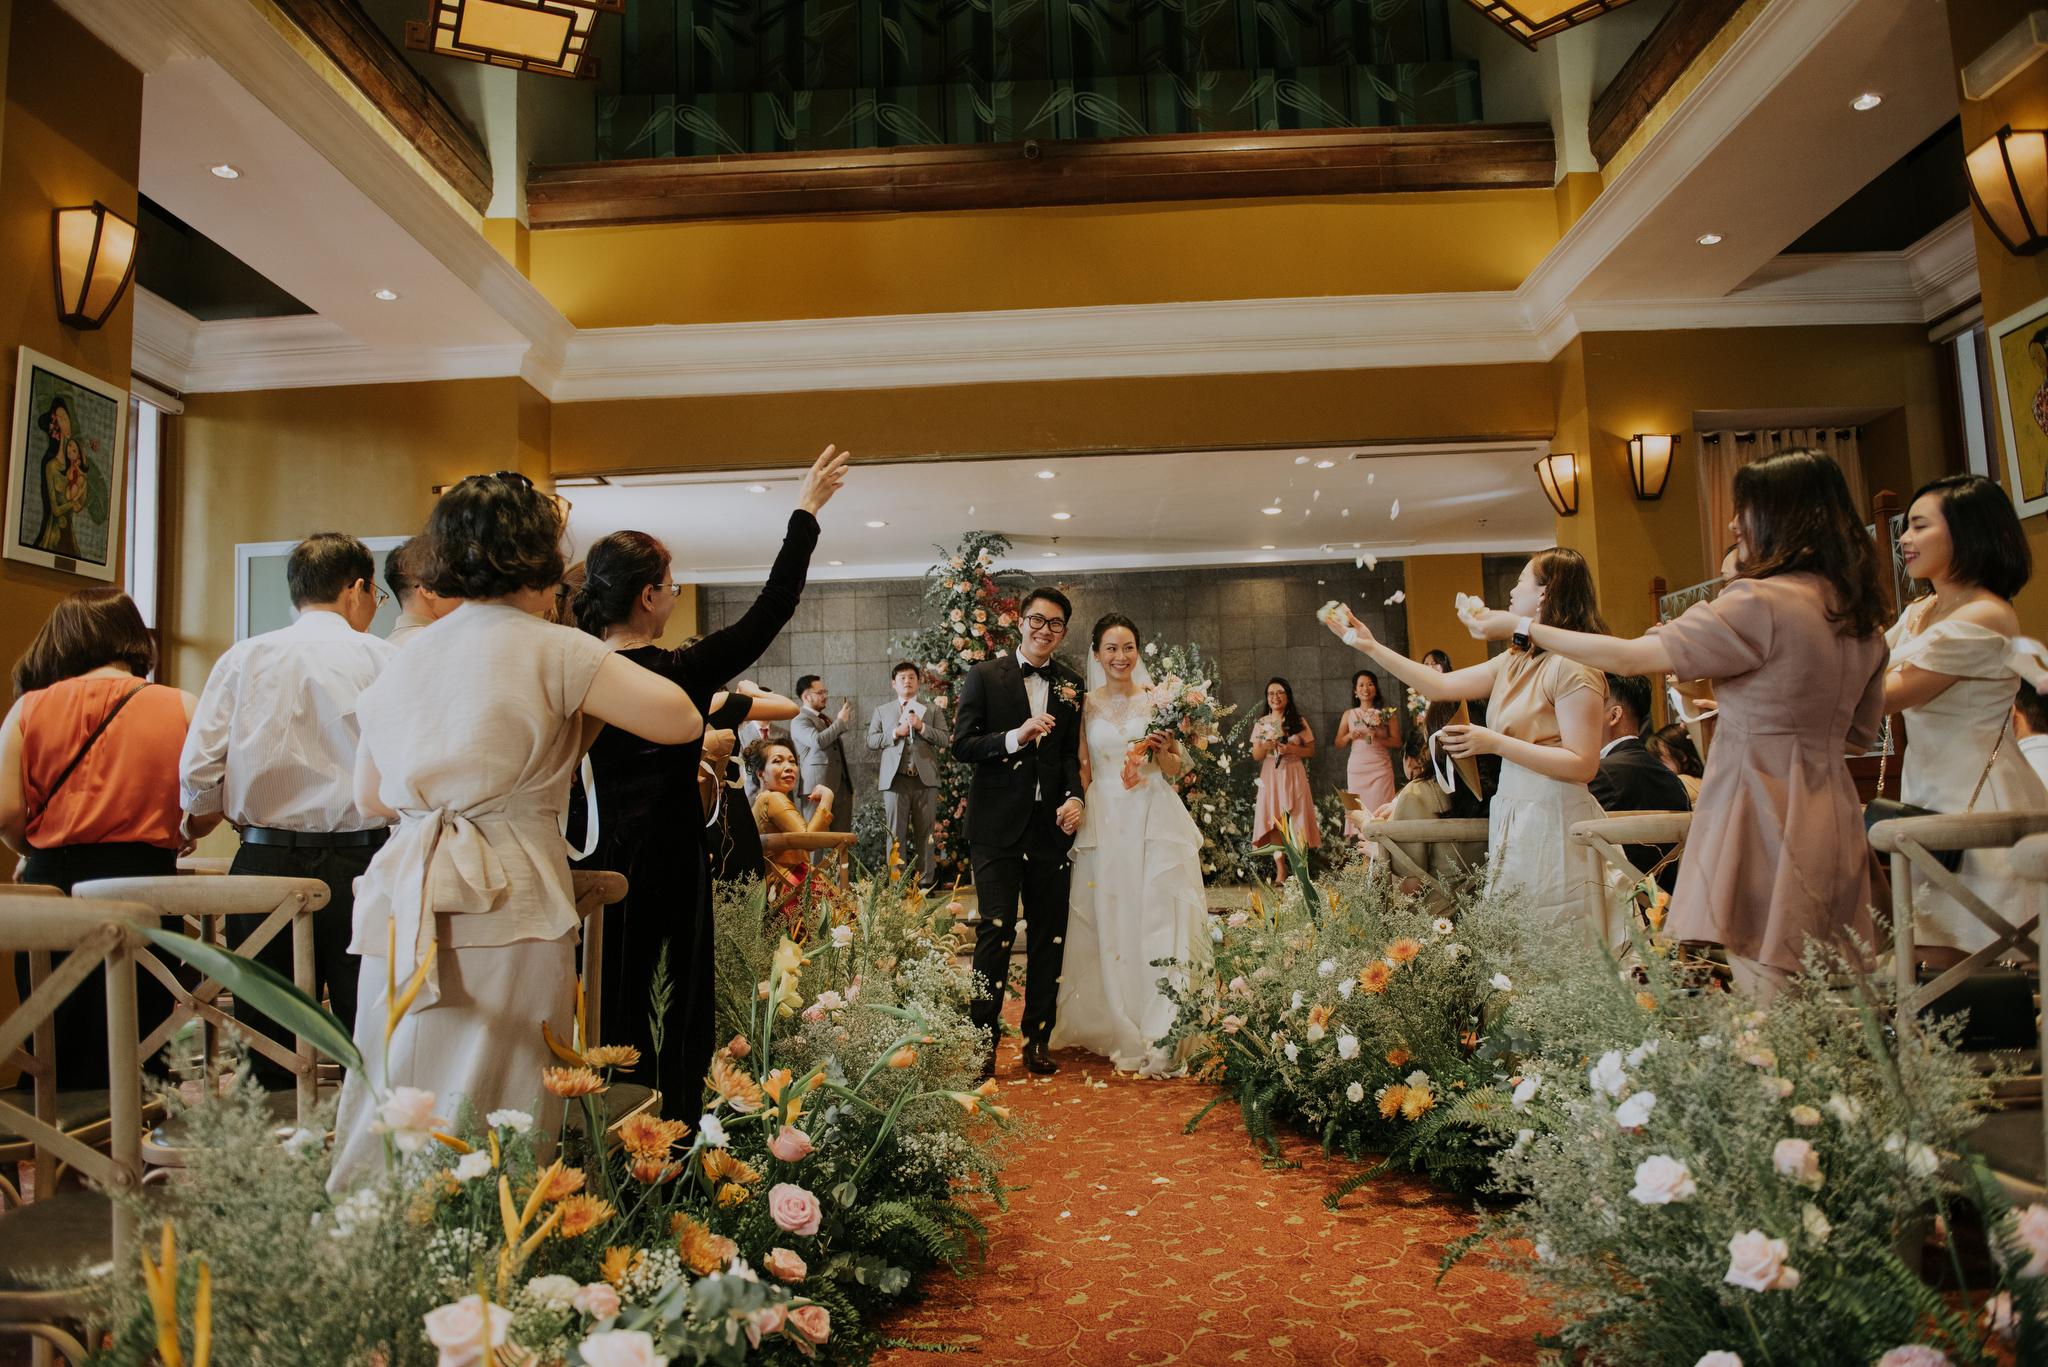 https://huk.s3.amazonaws.com/uploads/image/source/1418/Phuong-Diep-HN-Ceremony-1-0565.JPG